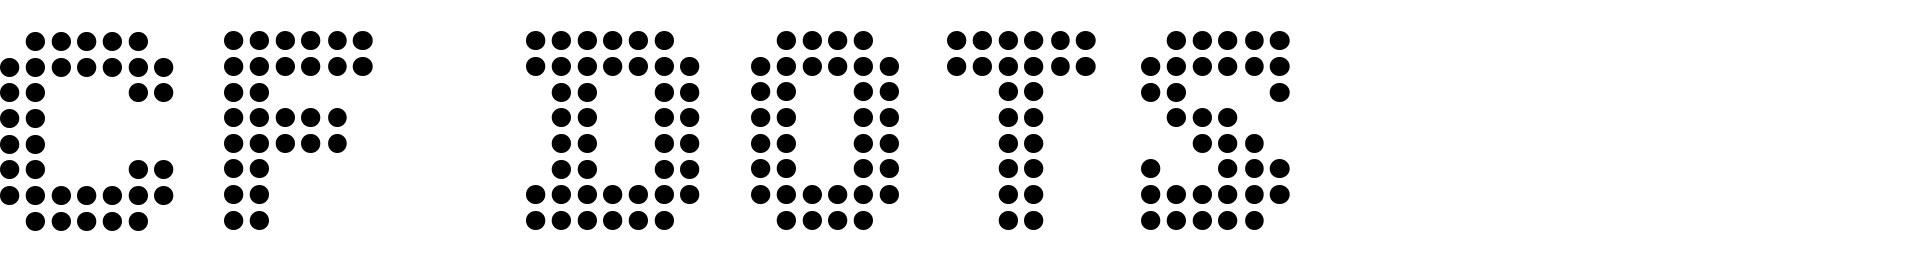 CF Dots 521